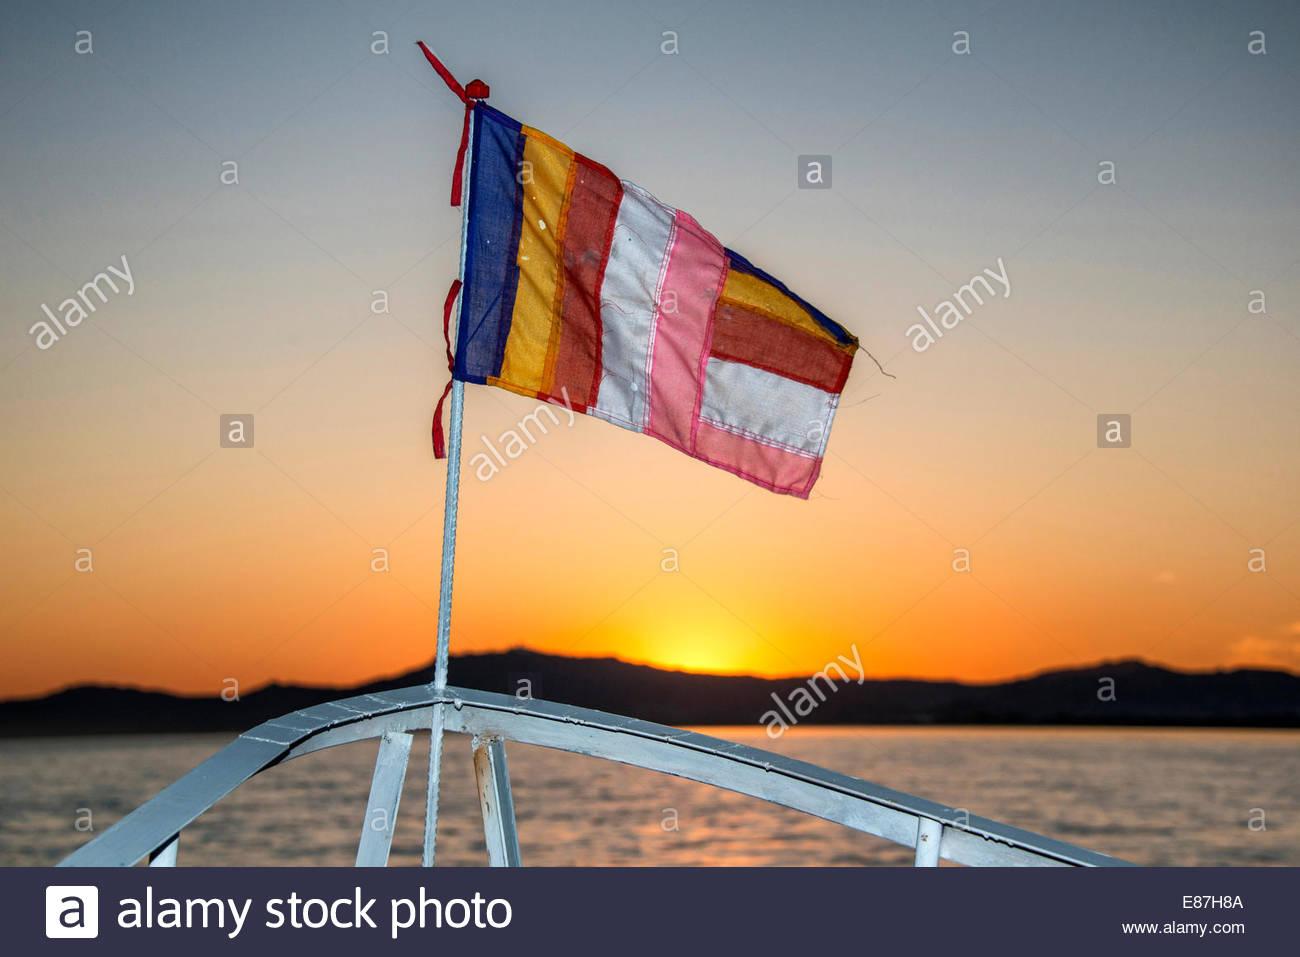 Drapeau du Myanmar sur un bateau sur le fleuve Irrawaddy au coucher du soleil Banque D'Images